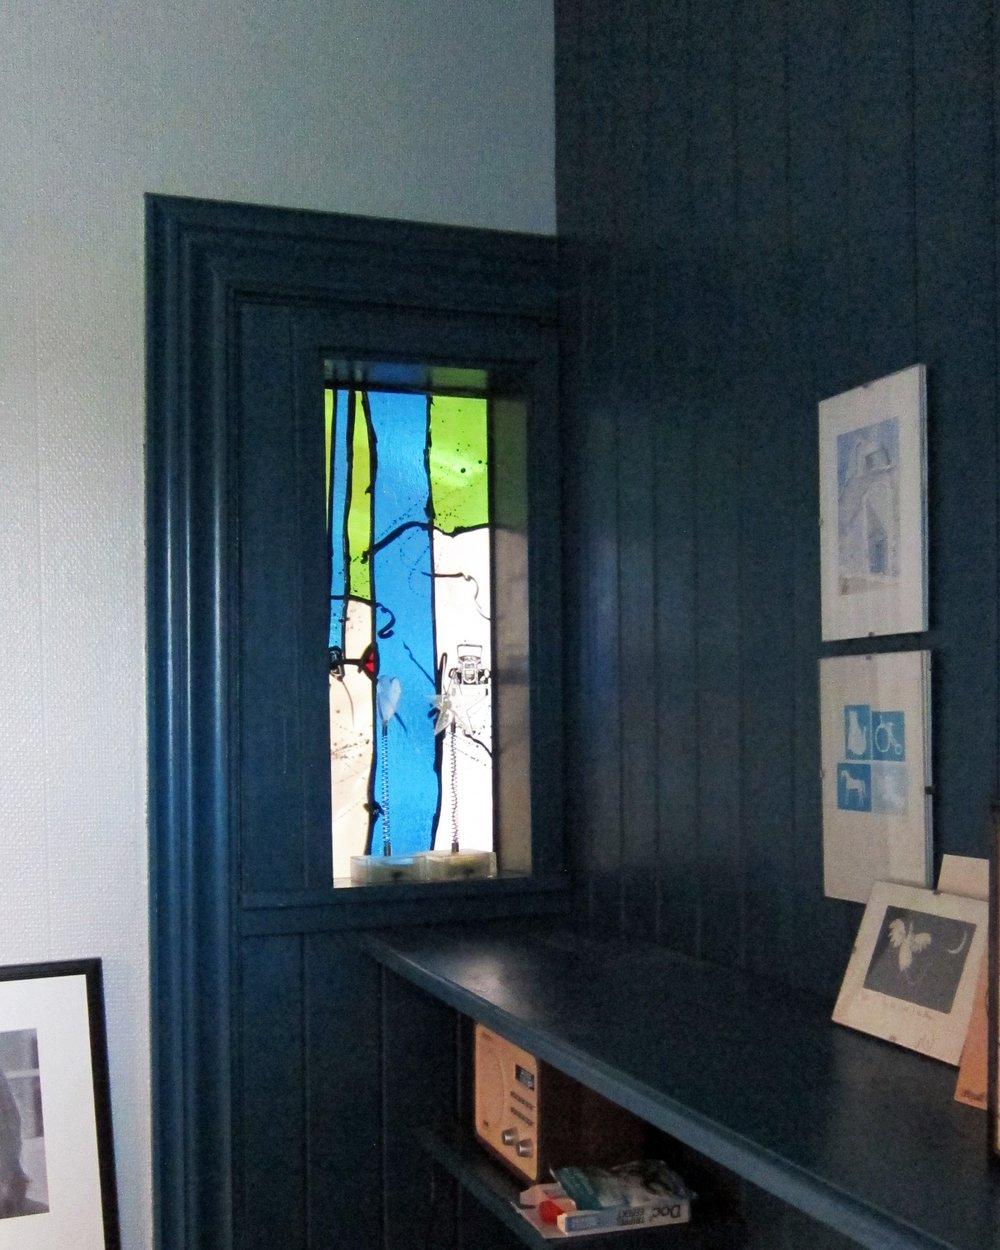 Linjordshagen - Her sett fra soverommet, med den mørke fine fargen på veggen blir glassmaleriet rammet inn og kanskje enda mer iøynefallende.